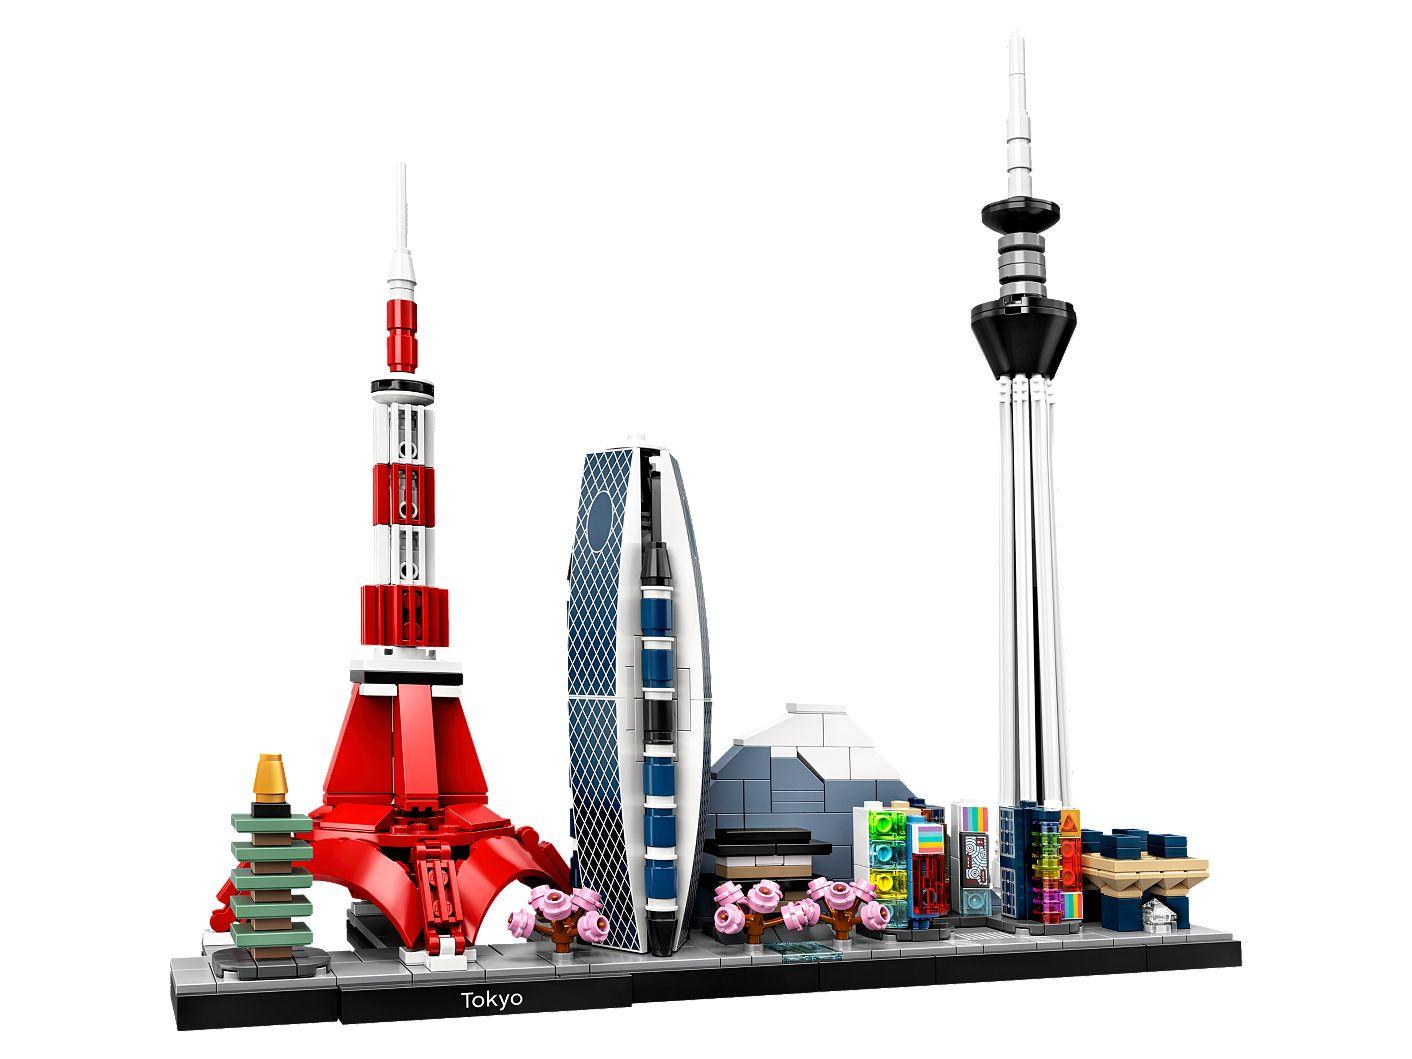 lego tokyo architecture live